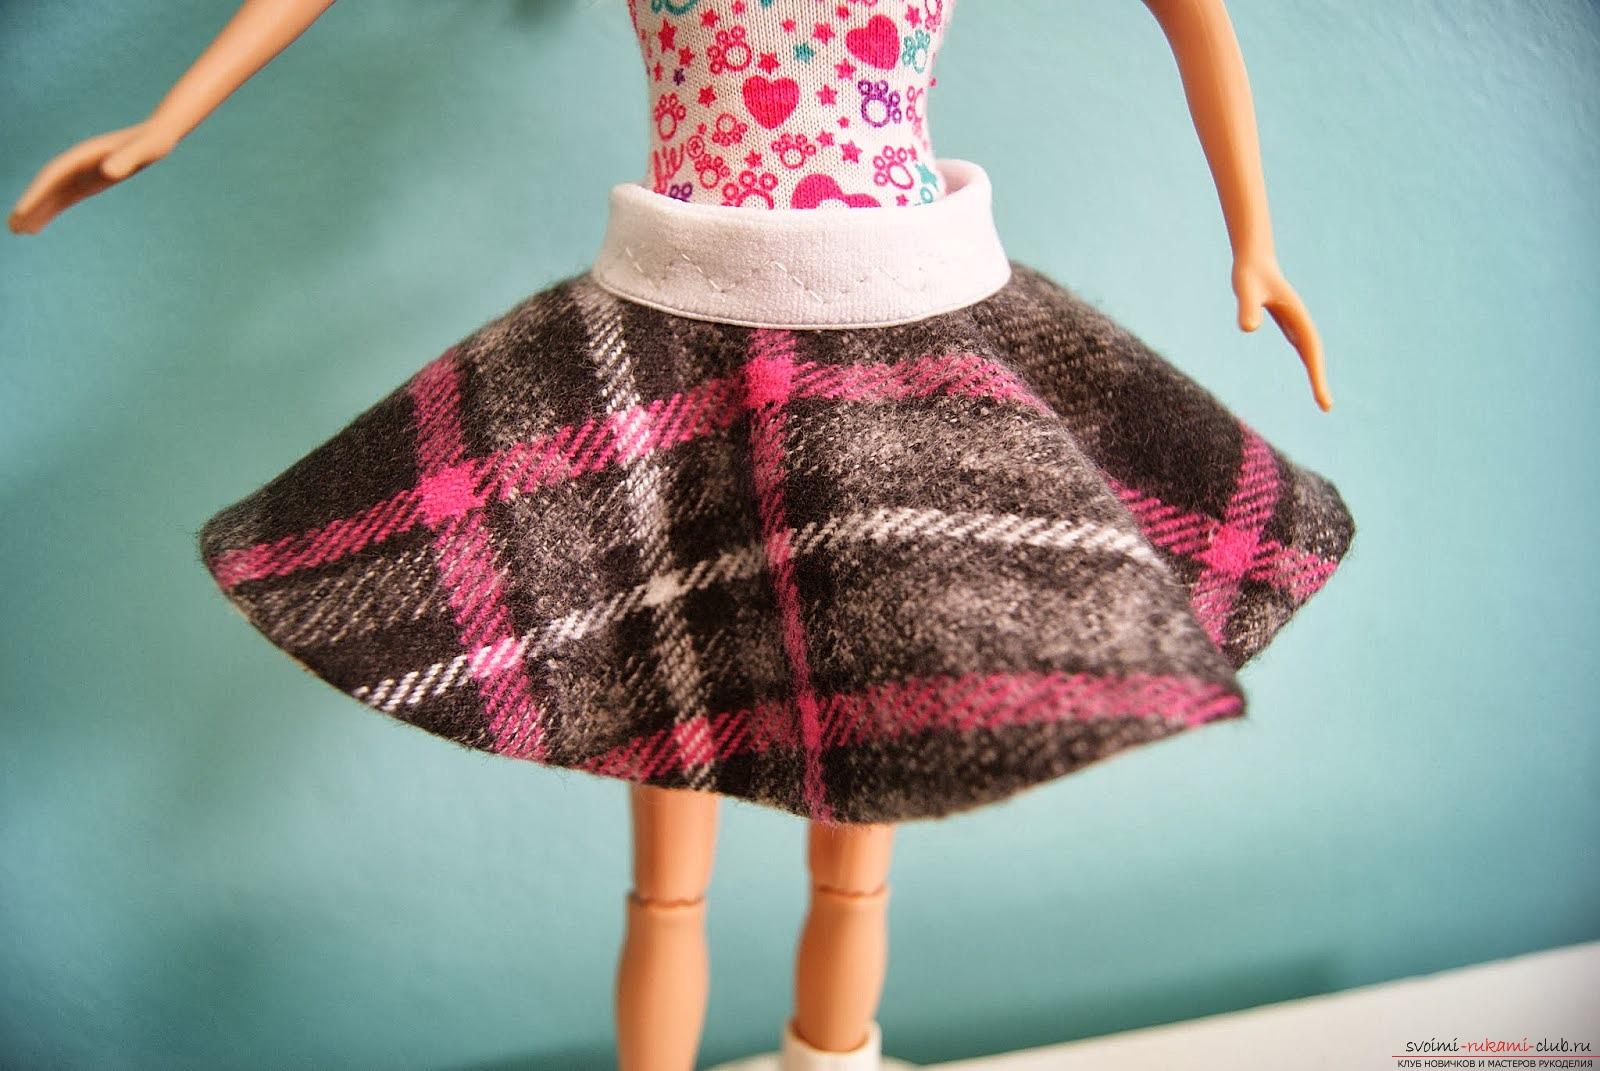 Сшить юбку на барби